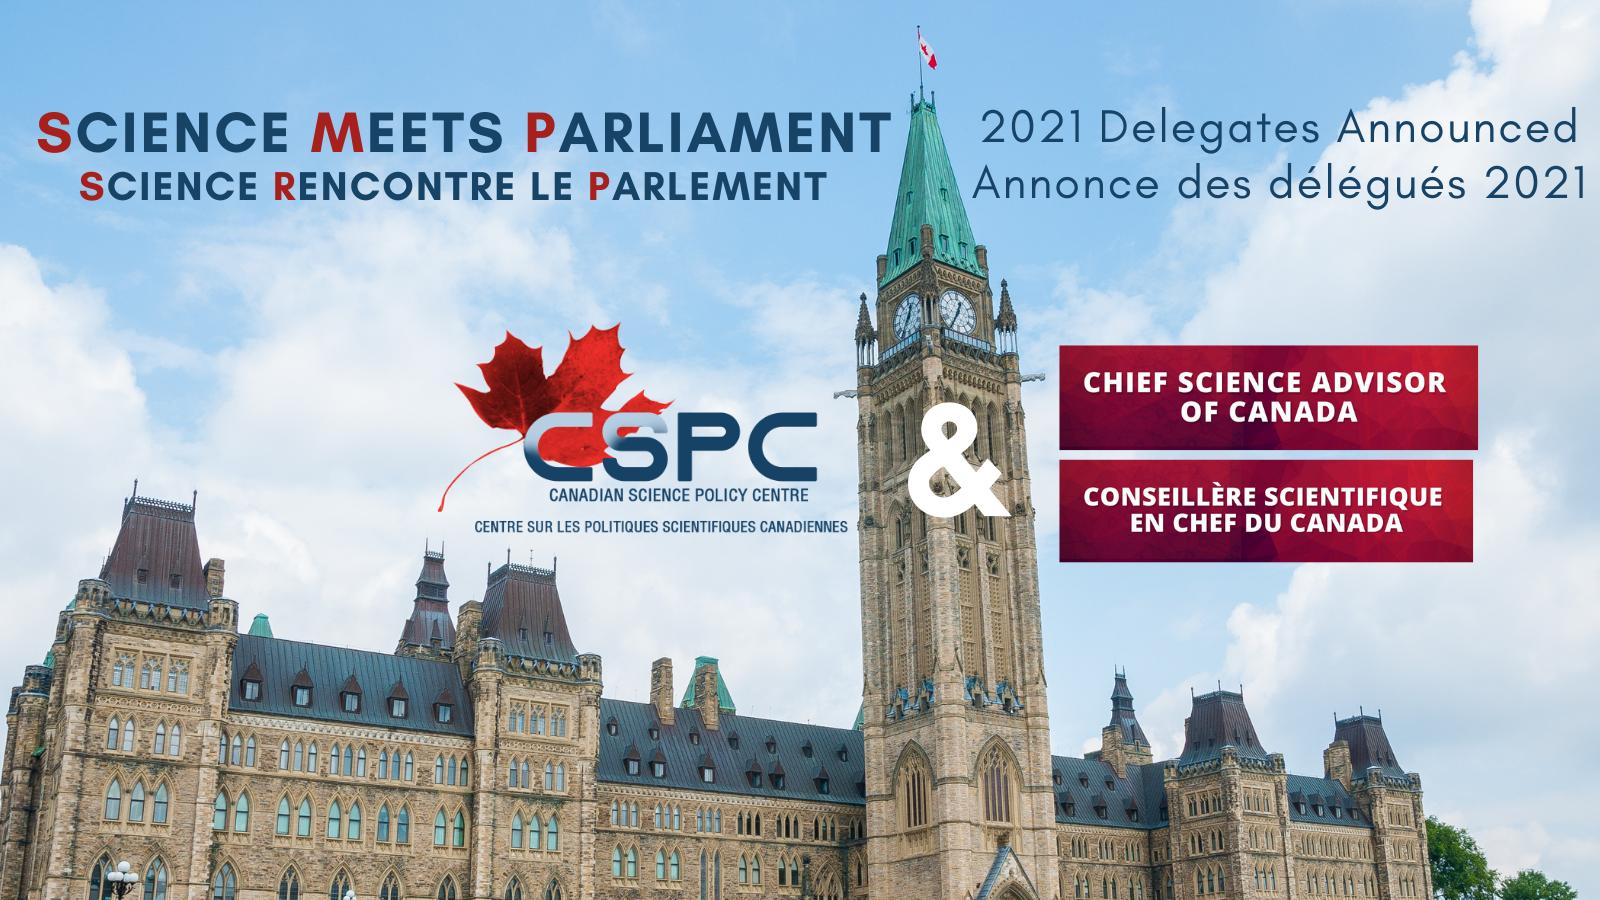 """The text """"Science Meets Parliament, 2021 Delegates Announced. CSPC & Chief Science Advisor of Canada"""" over a picture of parliament. Le texte «La science rencontre le Parlement, annonce des délégués de 2021. CSPC & conseiller scientifique en chef du Canada »sur une photo du Parlement."""